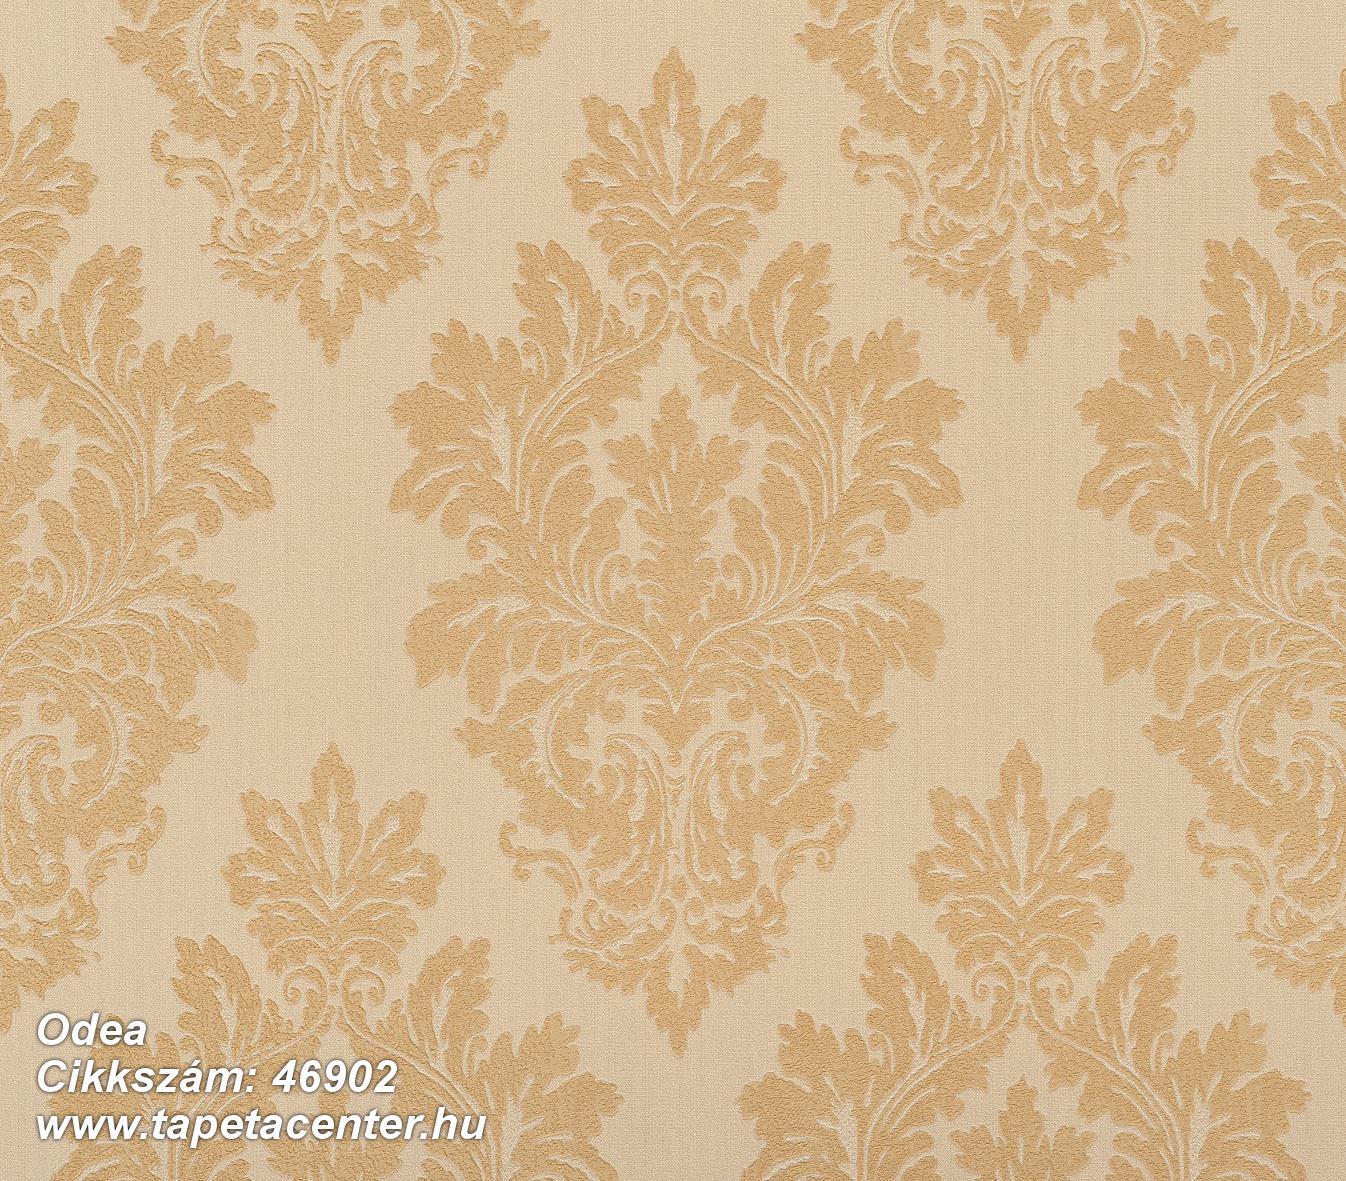 Barokk-klasszikus,különleges felületű,textil hatású,arany,bézs-drapp,súrolható,vlies tapéta